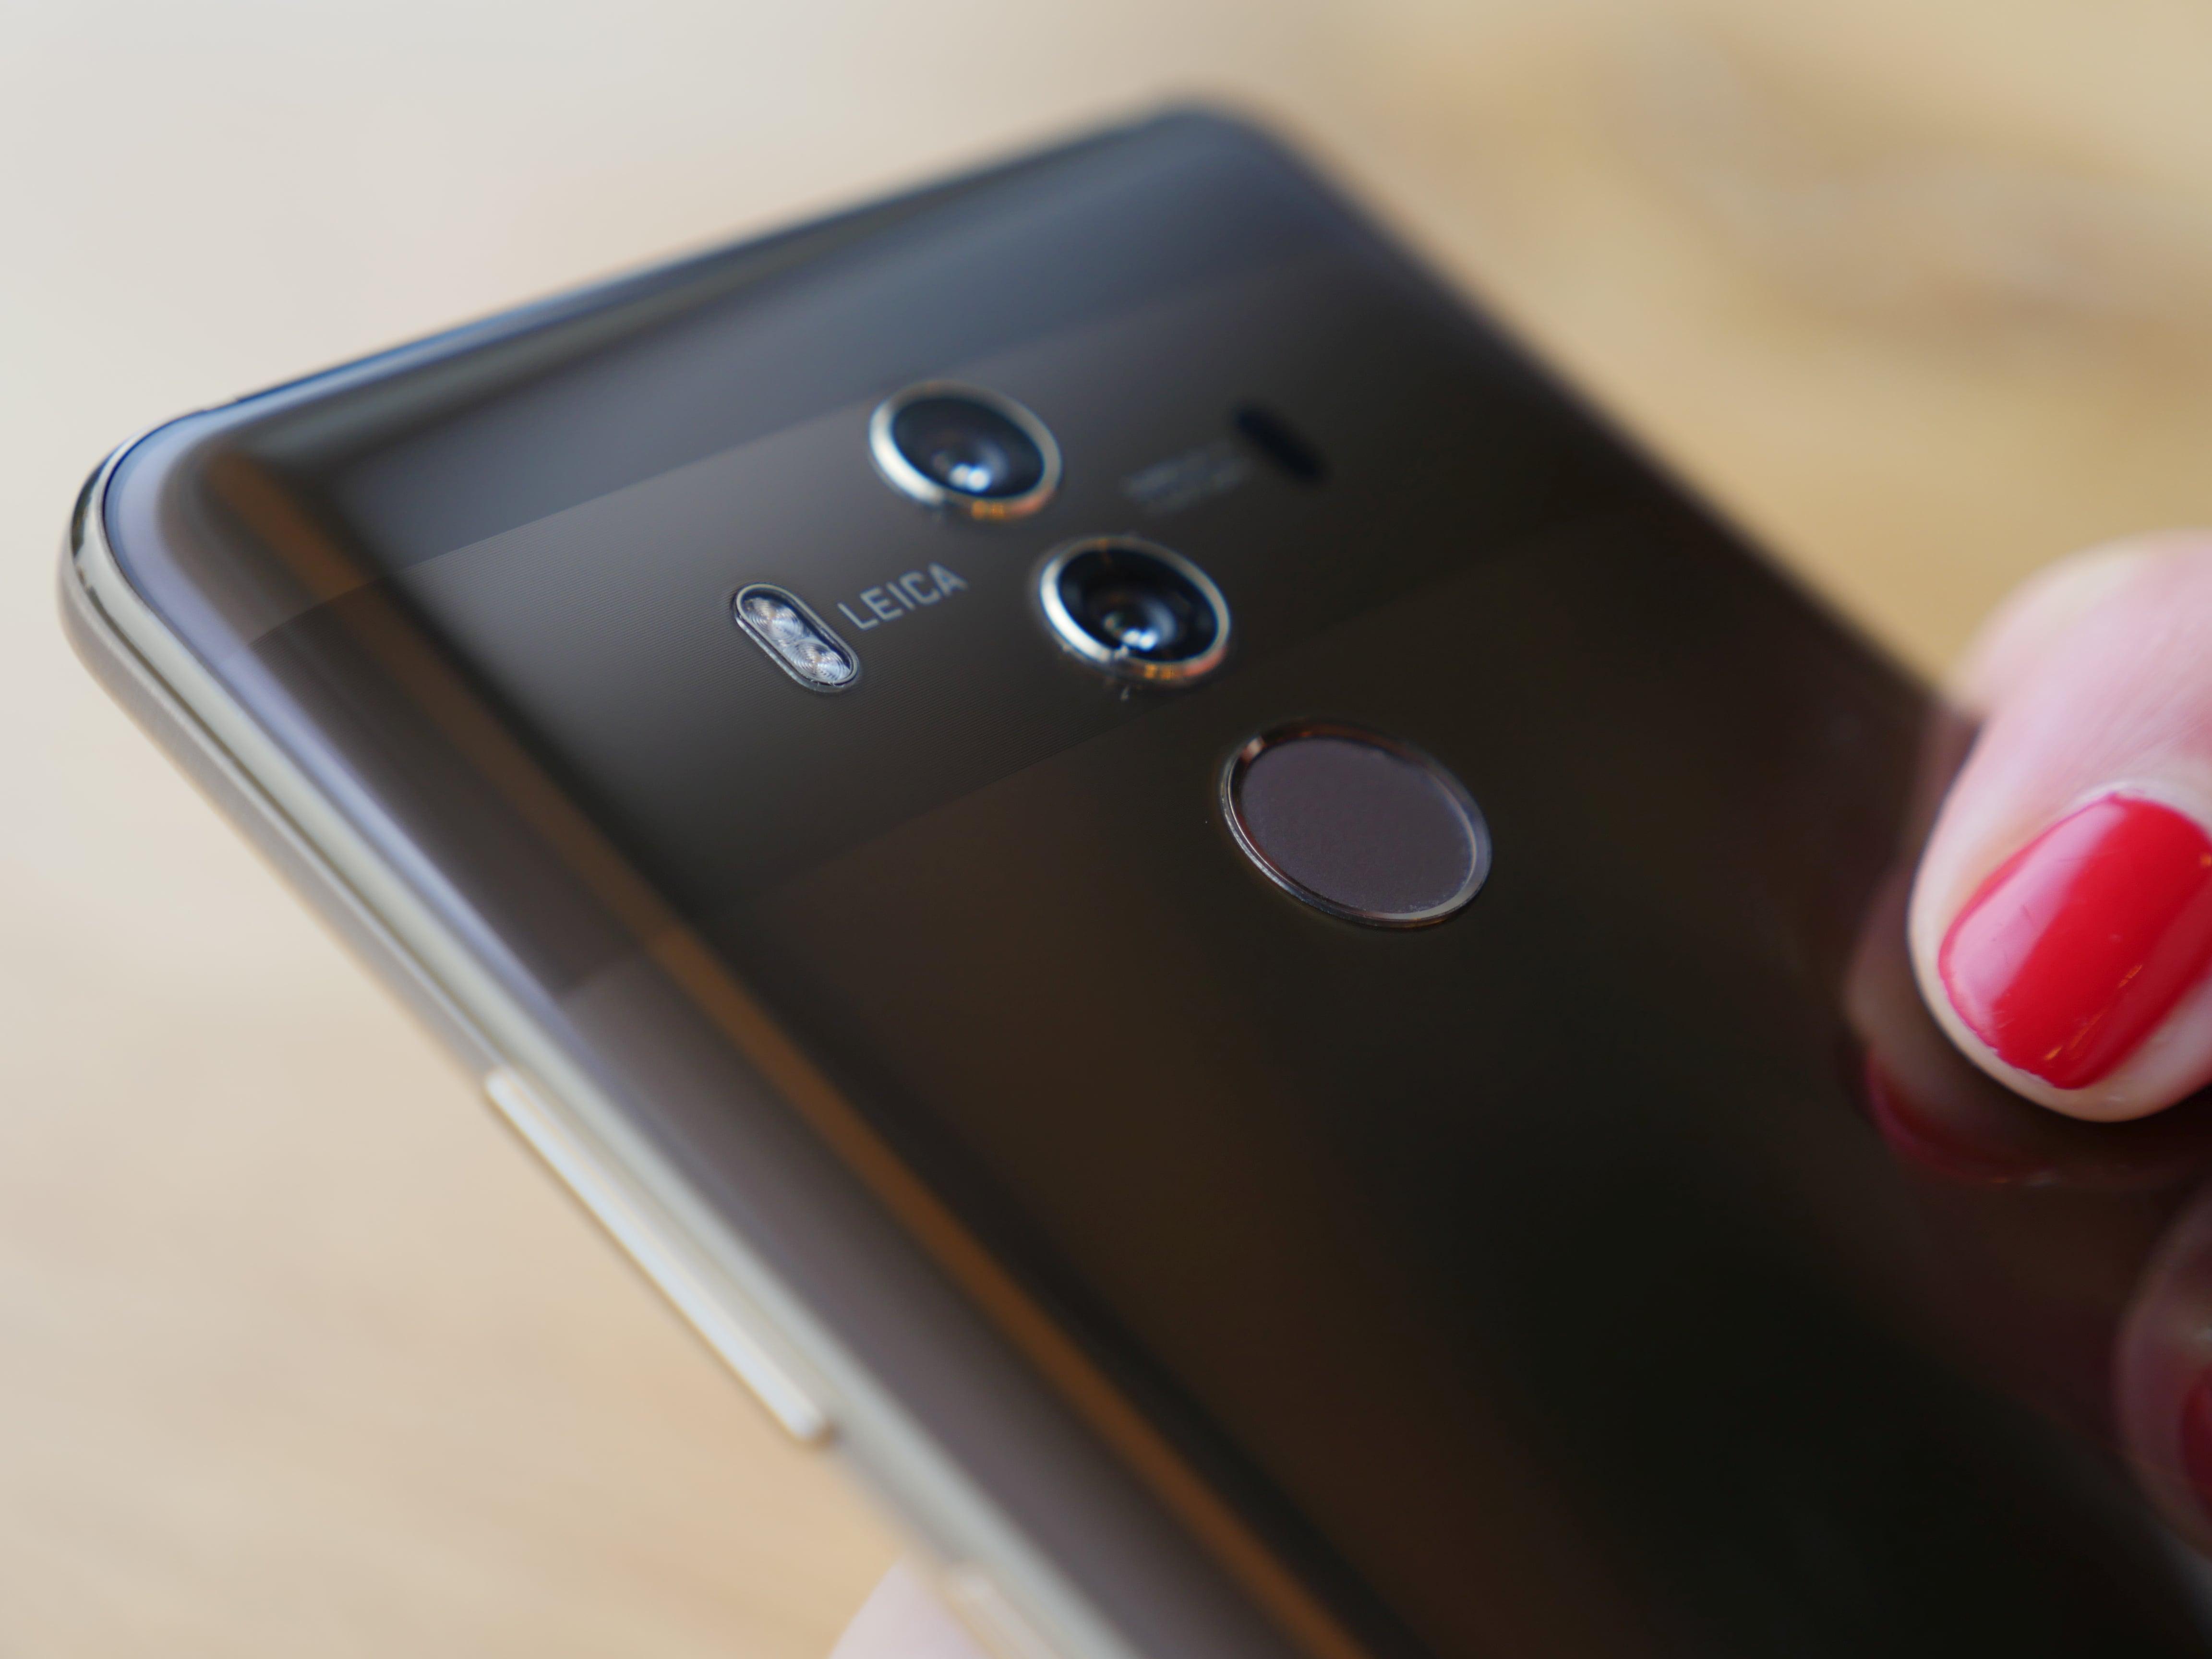 Przemyślenia po CESie, czyli jaki powinien być smartfon idealny? 4